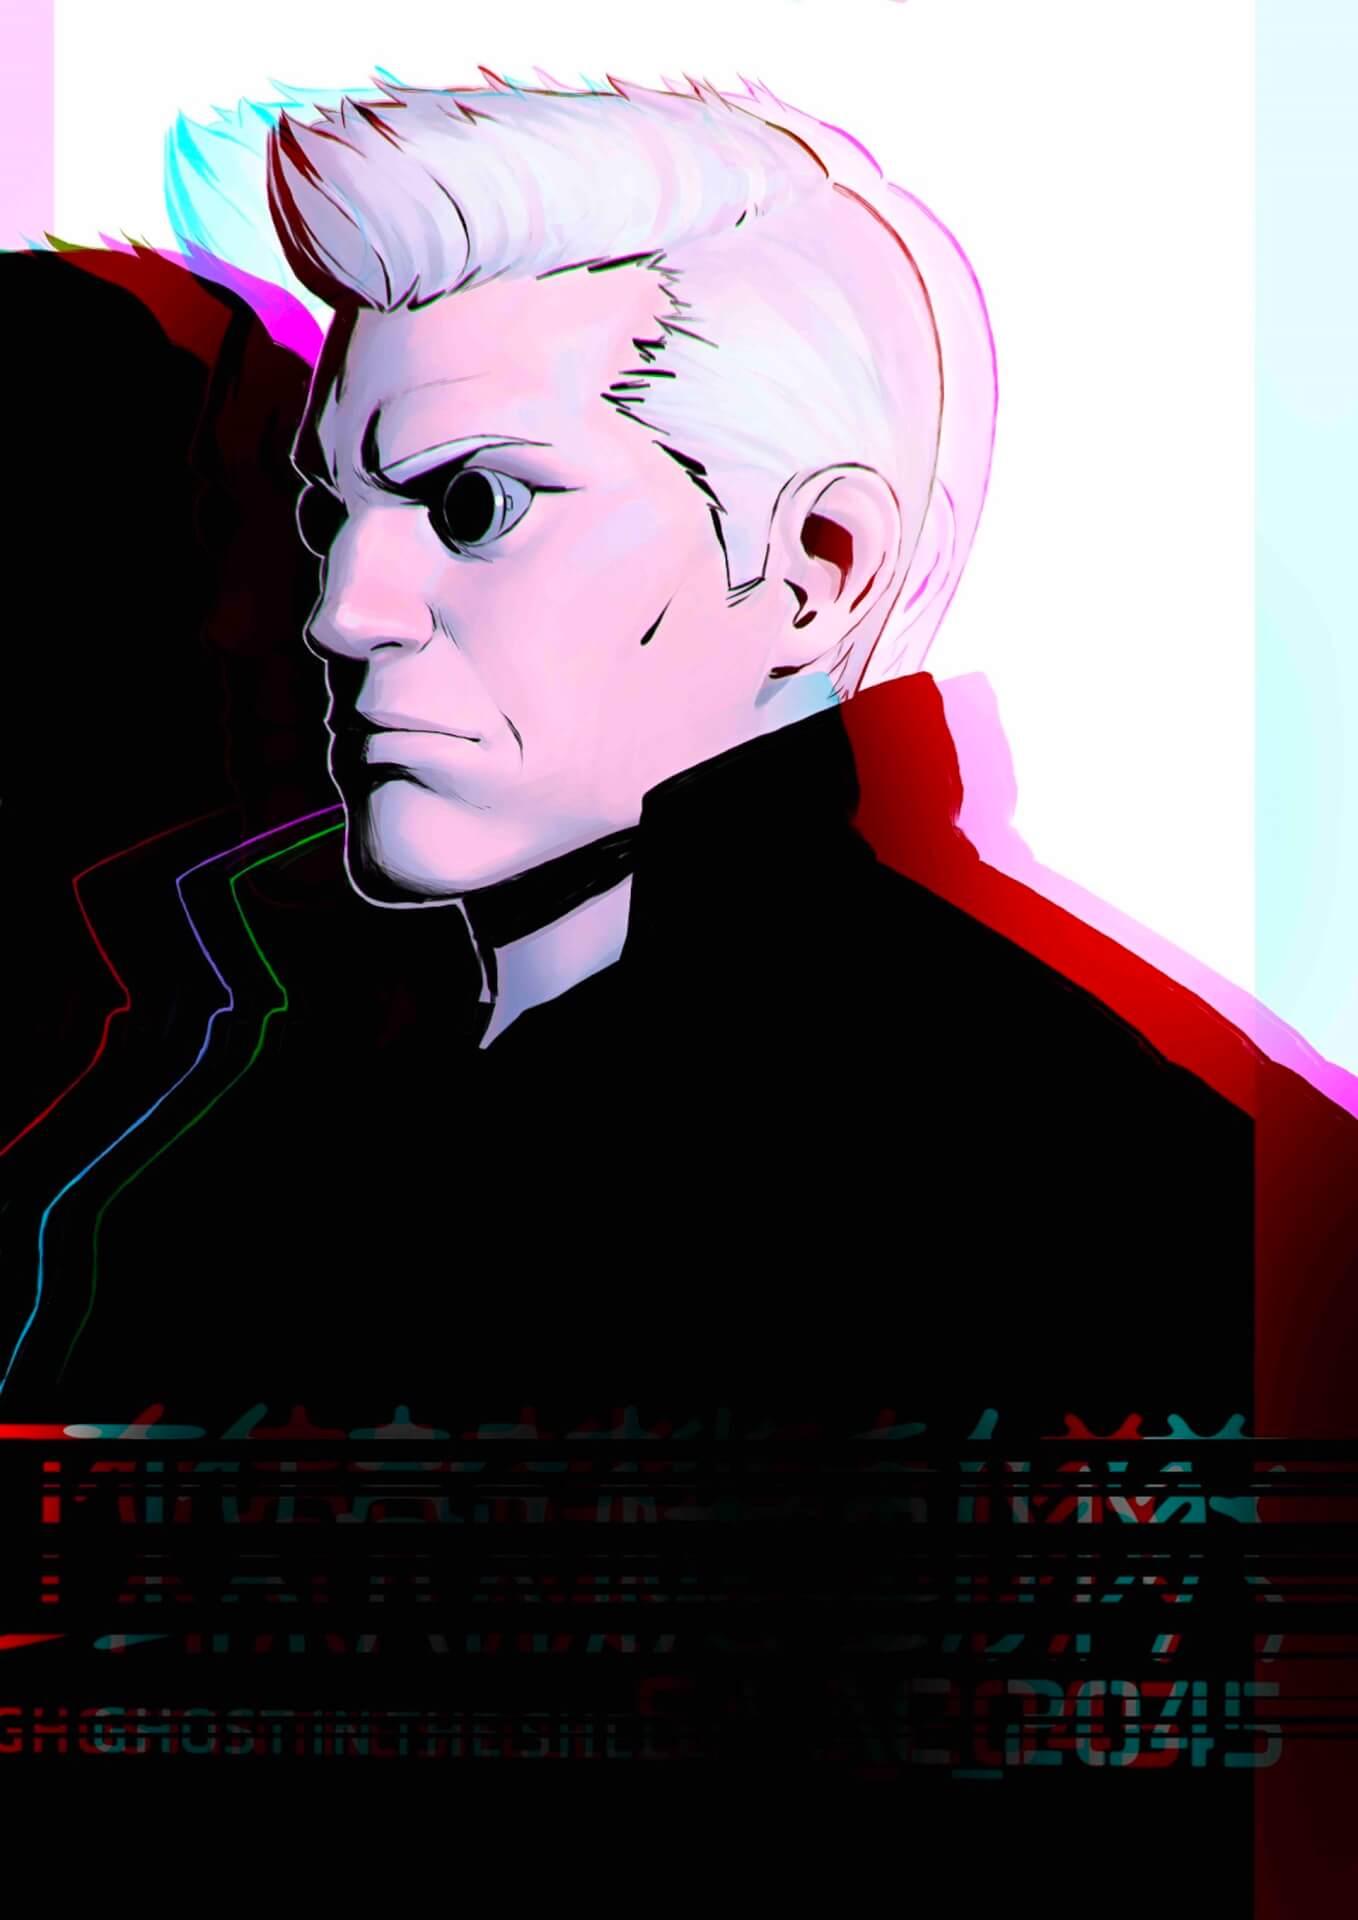 素子、バトー、トグサらの他に謎のキャラクターも...?Netflix『攻殻機動隊 SAC_2045』のキャラクターデザインが一挙解禁! art200418_ghostintheshell_13